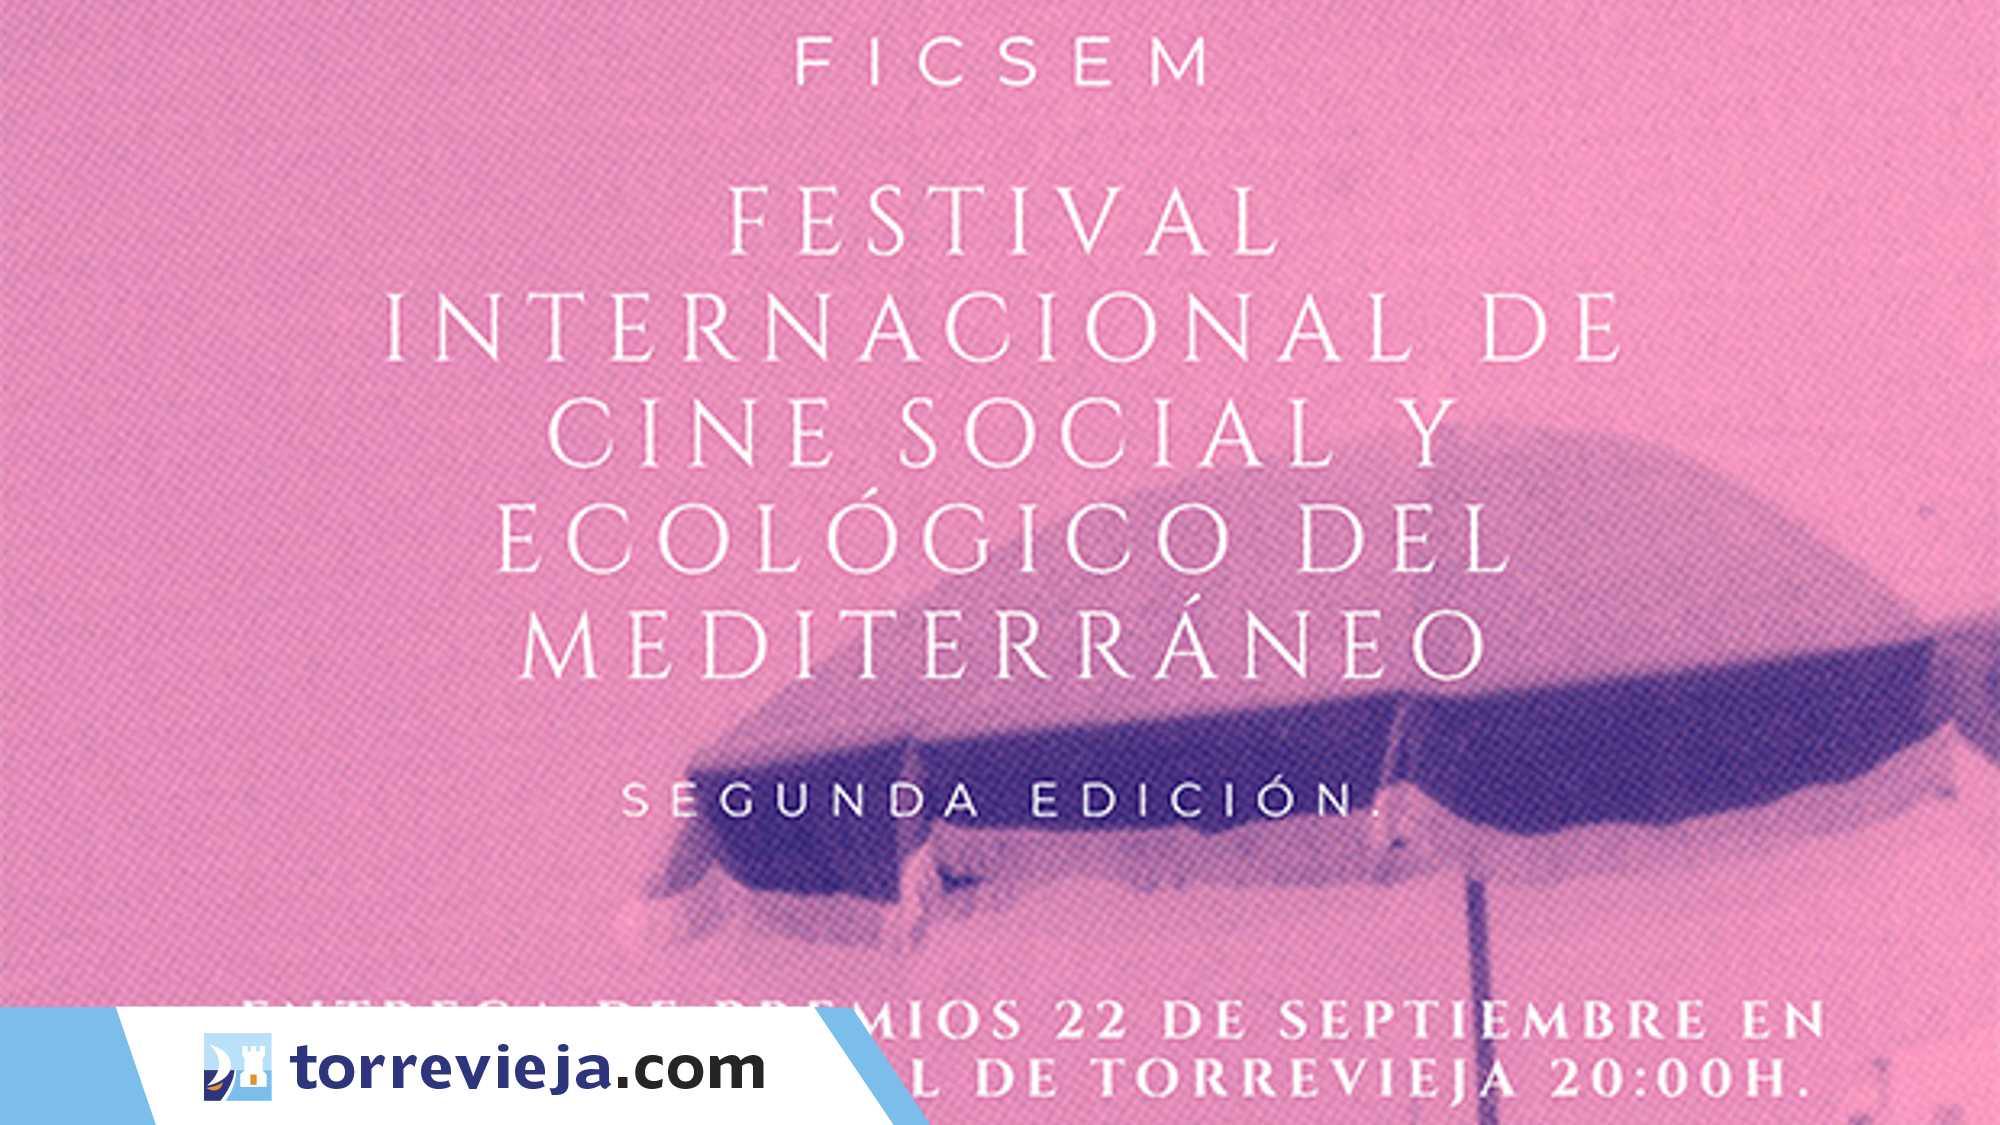 FESTIVAL-INTERNACIONAL-DE-CINE-SOCIAL-Y-ECOLÓGICO-DEL-MEDITERRÁNEO torreviejacom.jpg